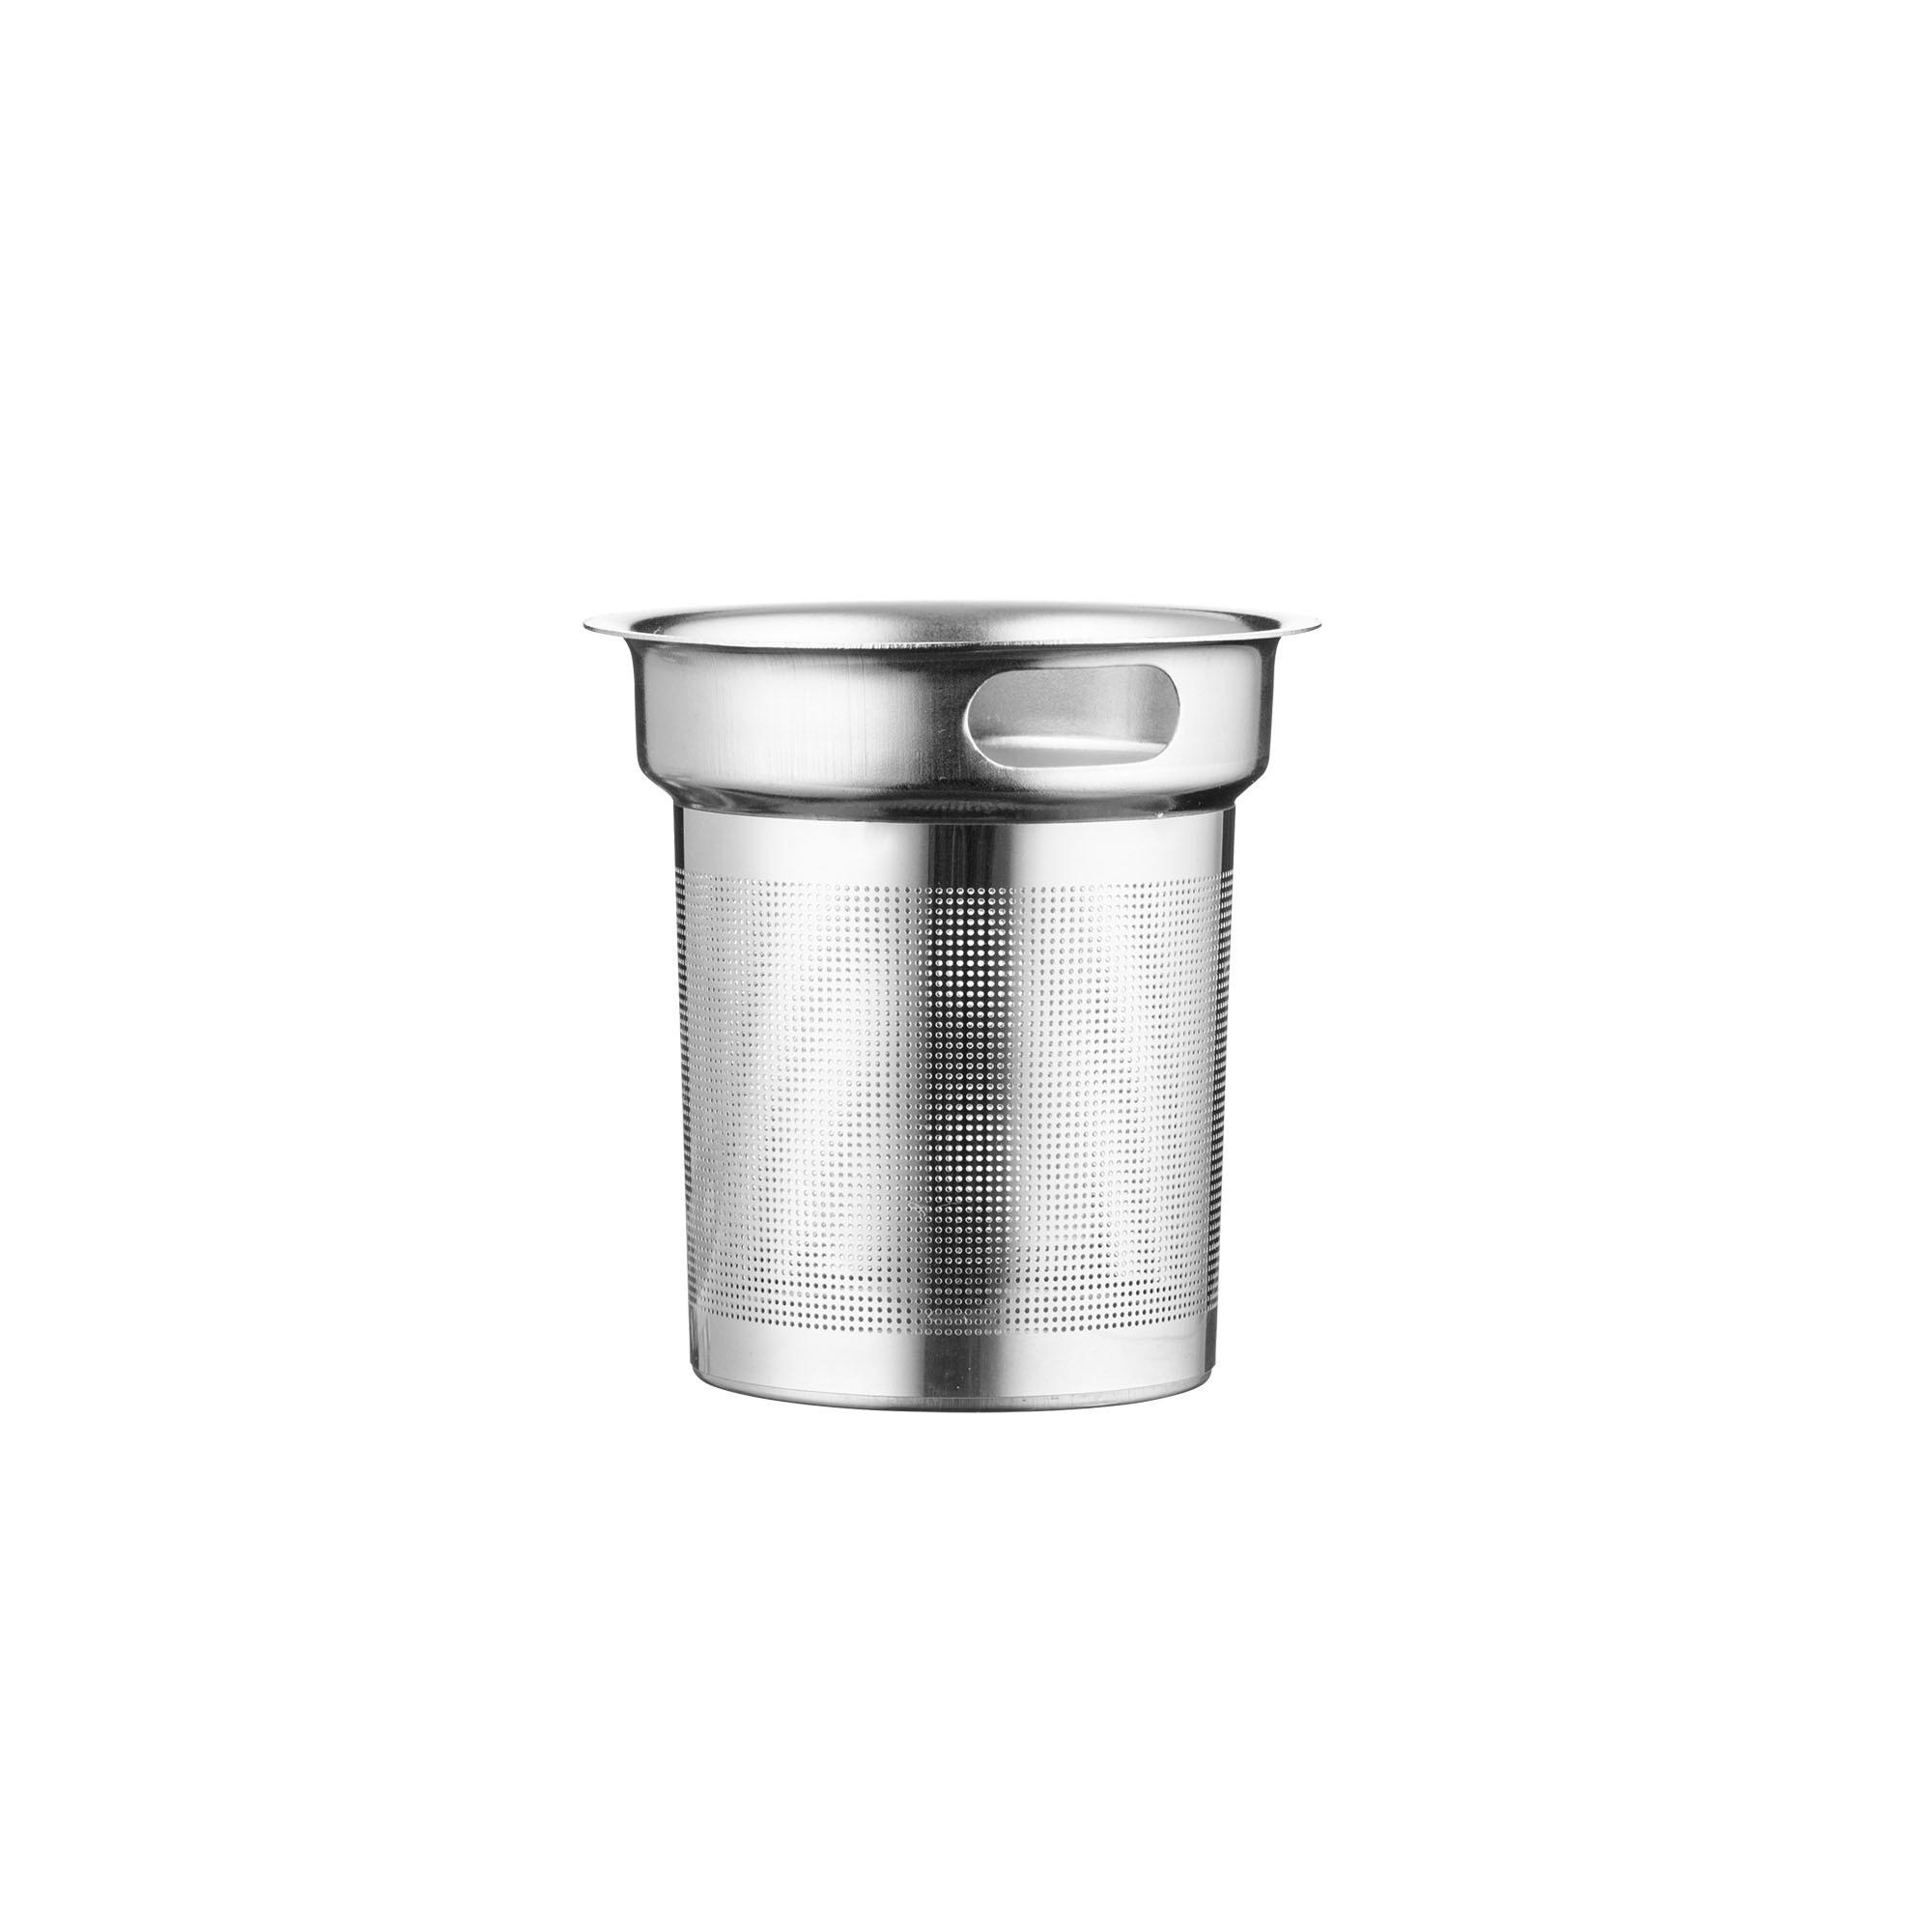 Price & Kensington Teapot Filter 2 Cup